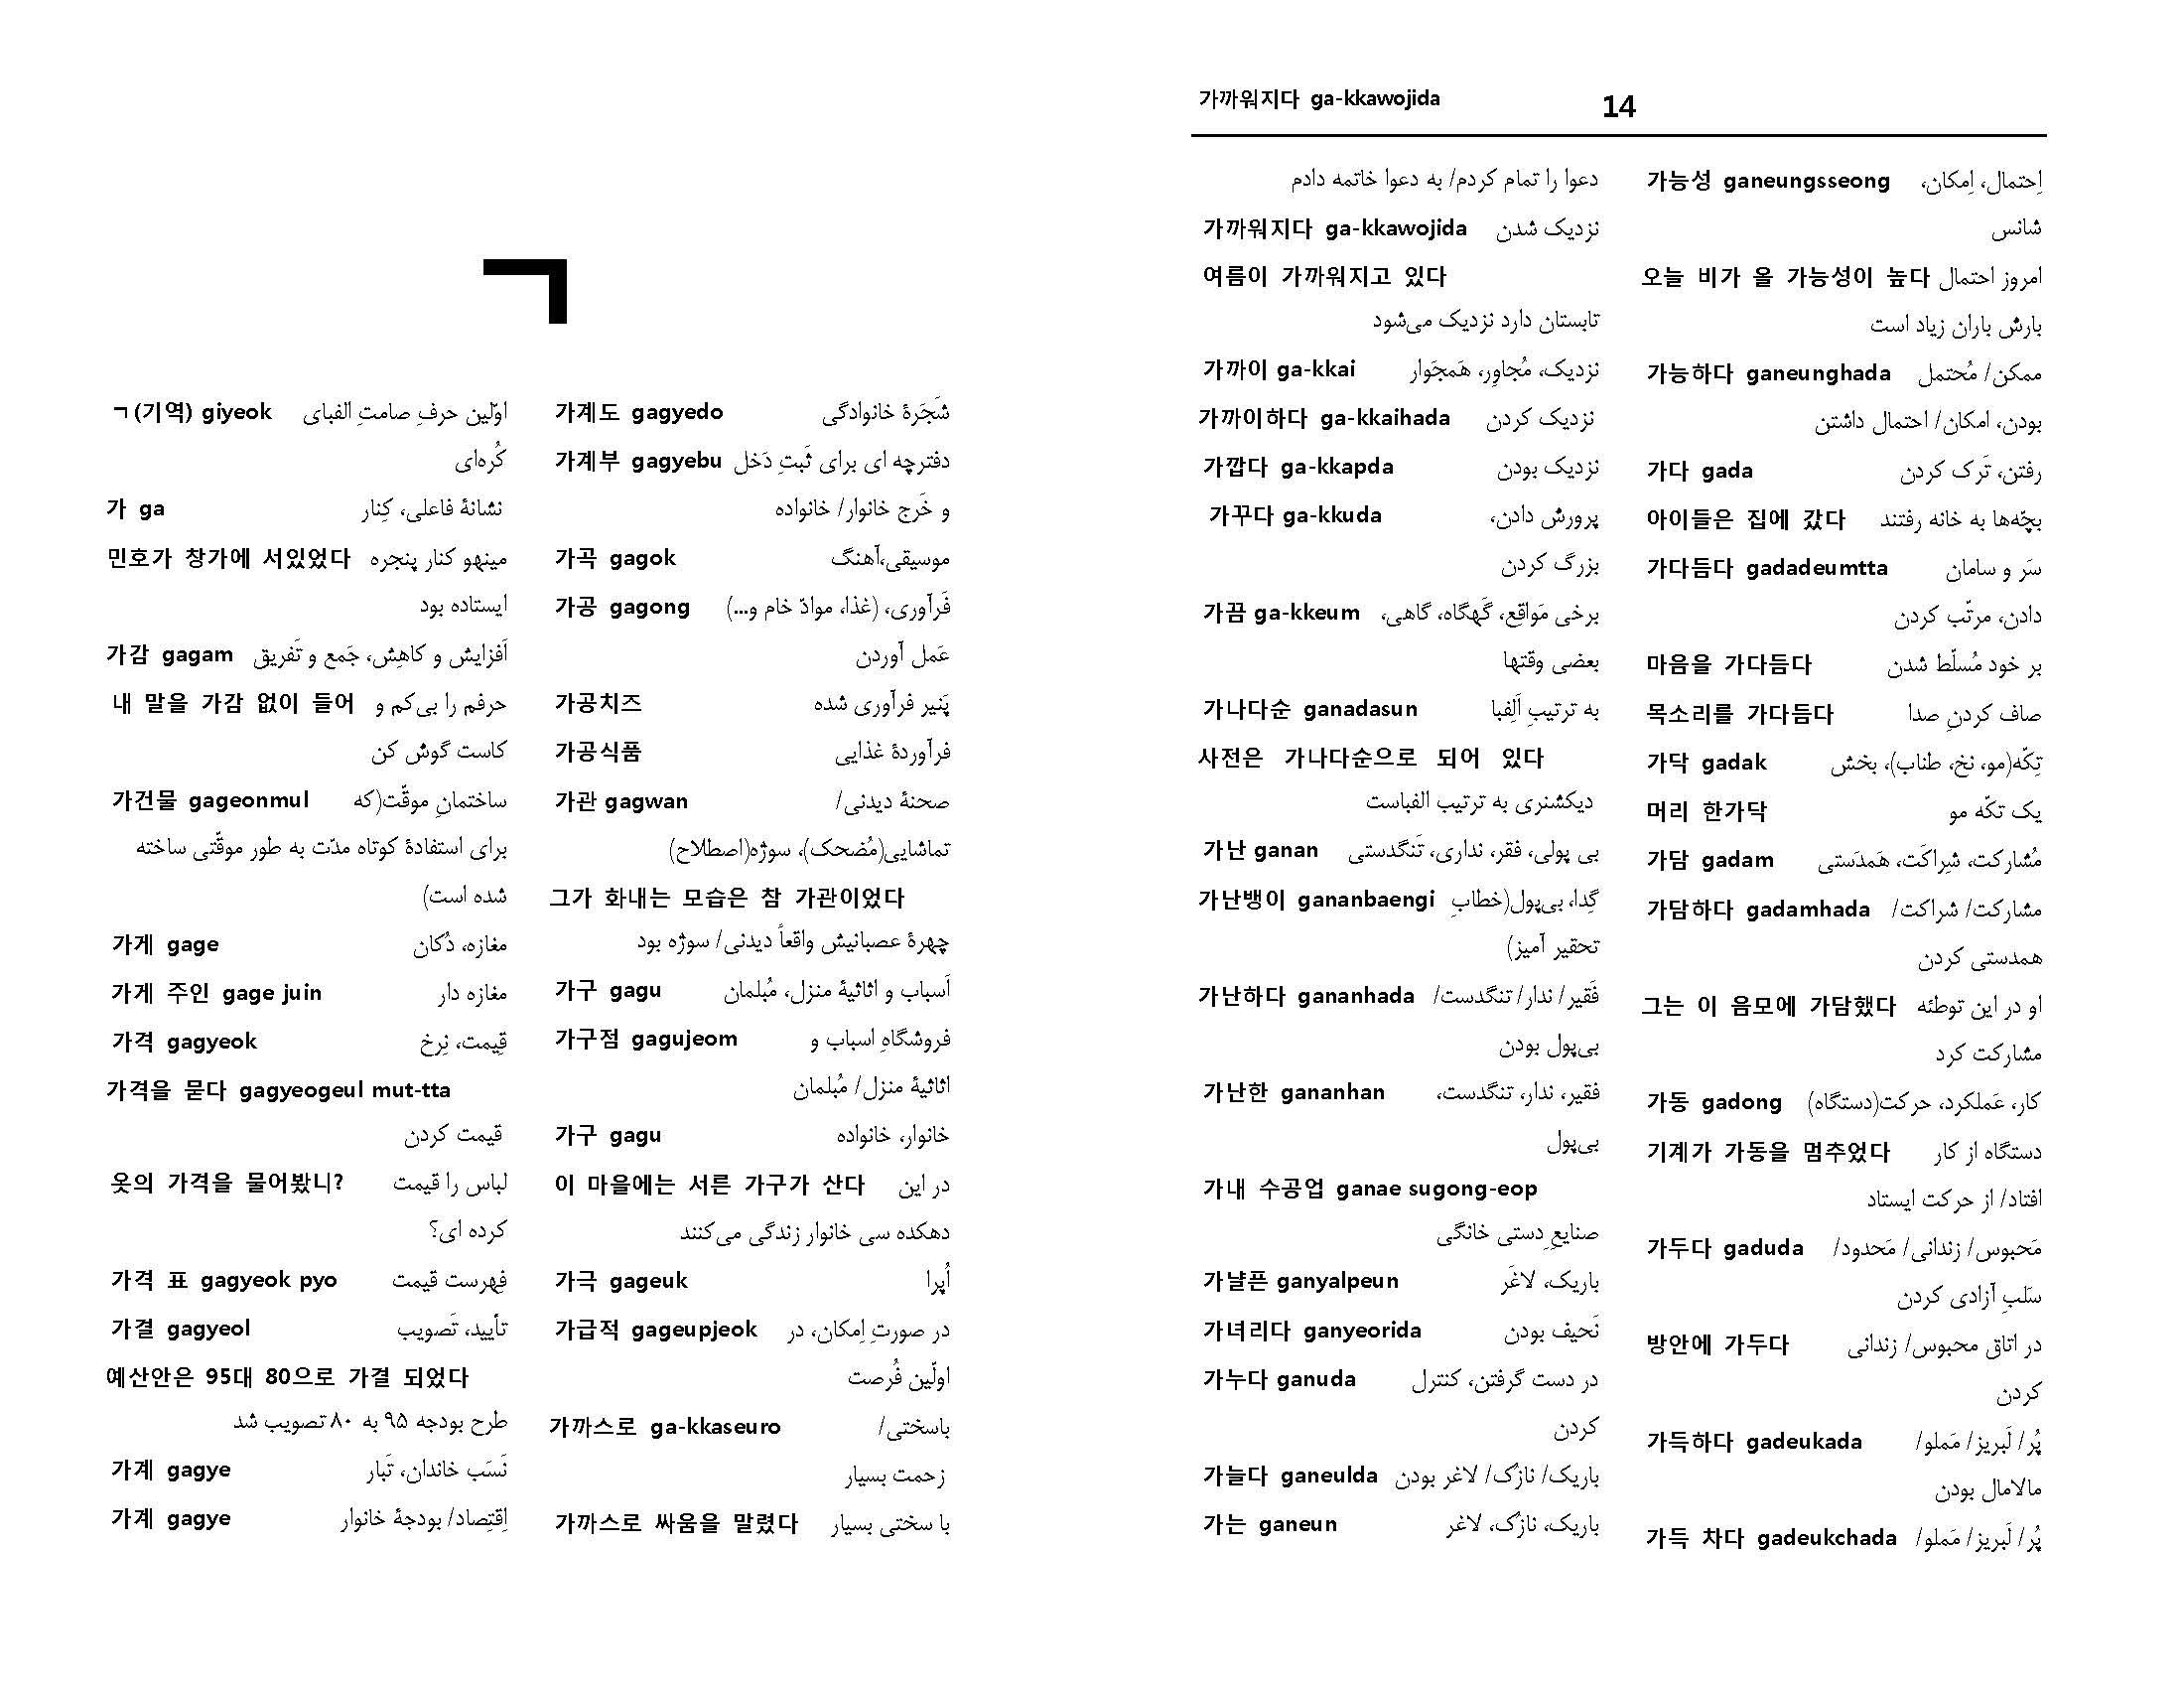 نمونه صفحه آرایی کتاب دیکشنری کره ای به فارسی